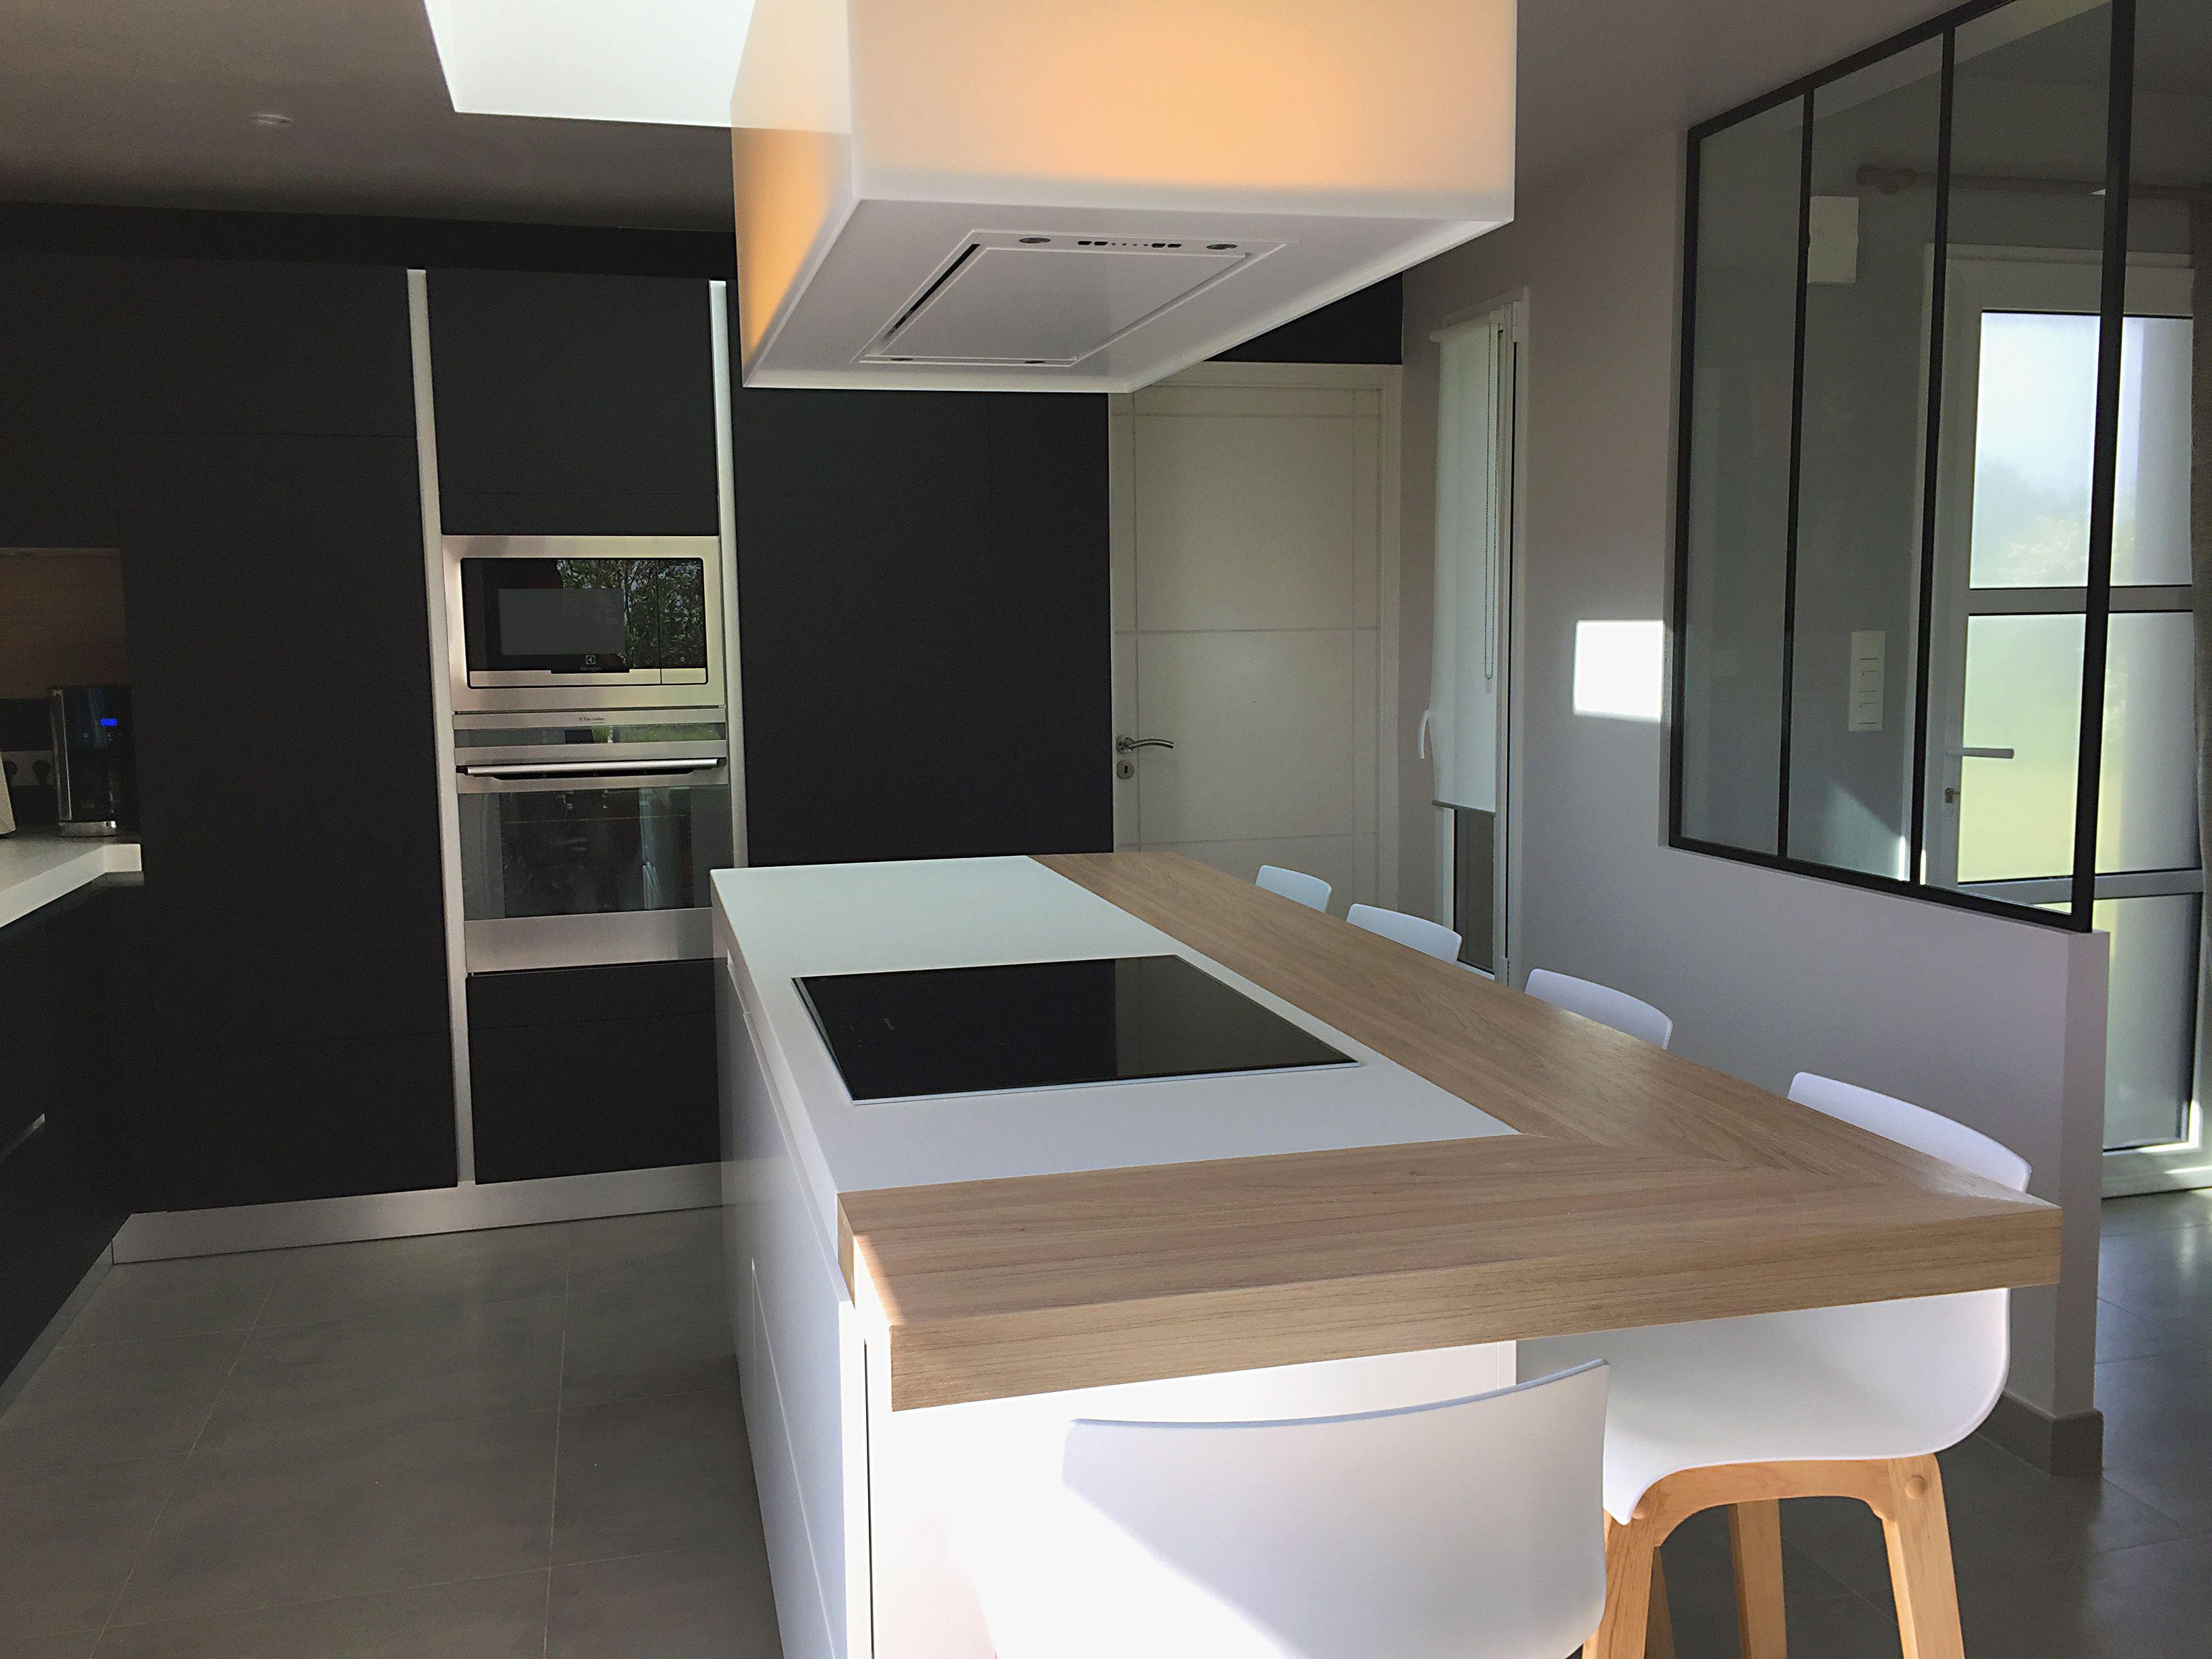 cuisine fenix noir mat et plan ceramique blanche cuisines fenix pinterest c ramiques. Black Bedroom Furniture Sets. Home Design Ideas